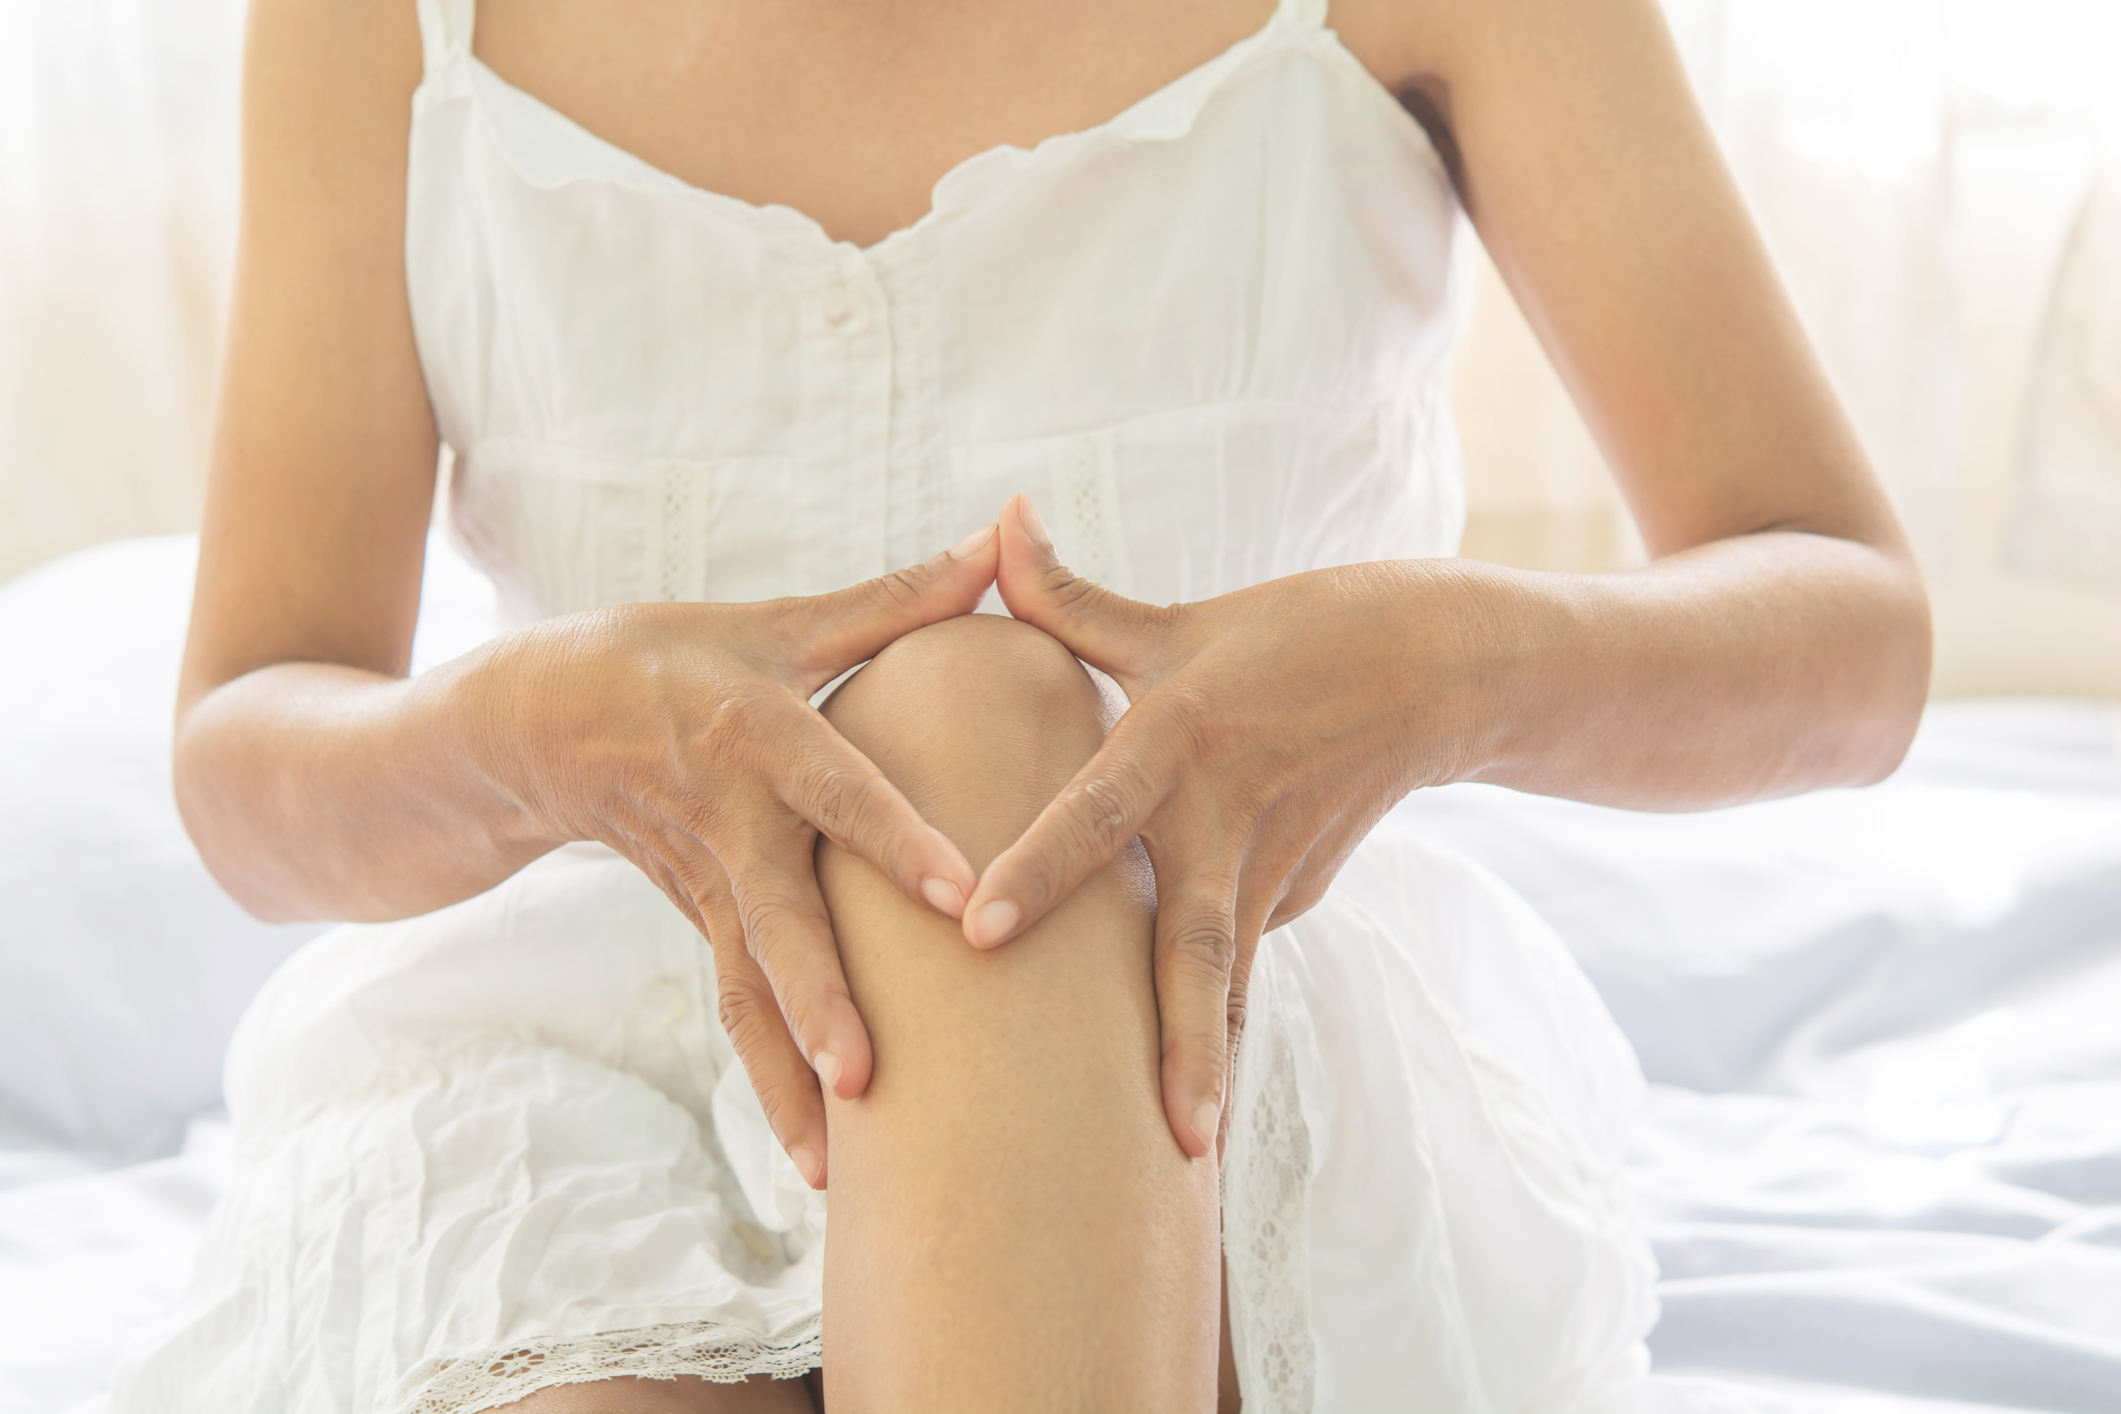 hogyan kenjük fel a lábakat ízületi fájdalmakra)